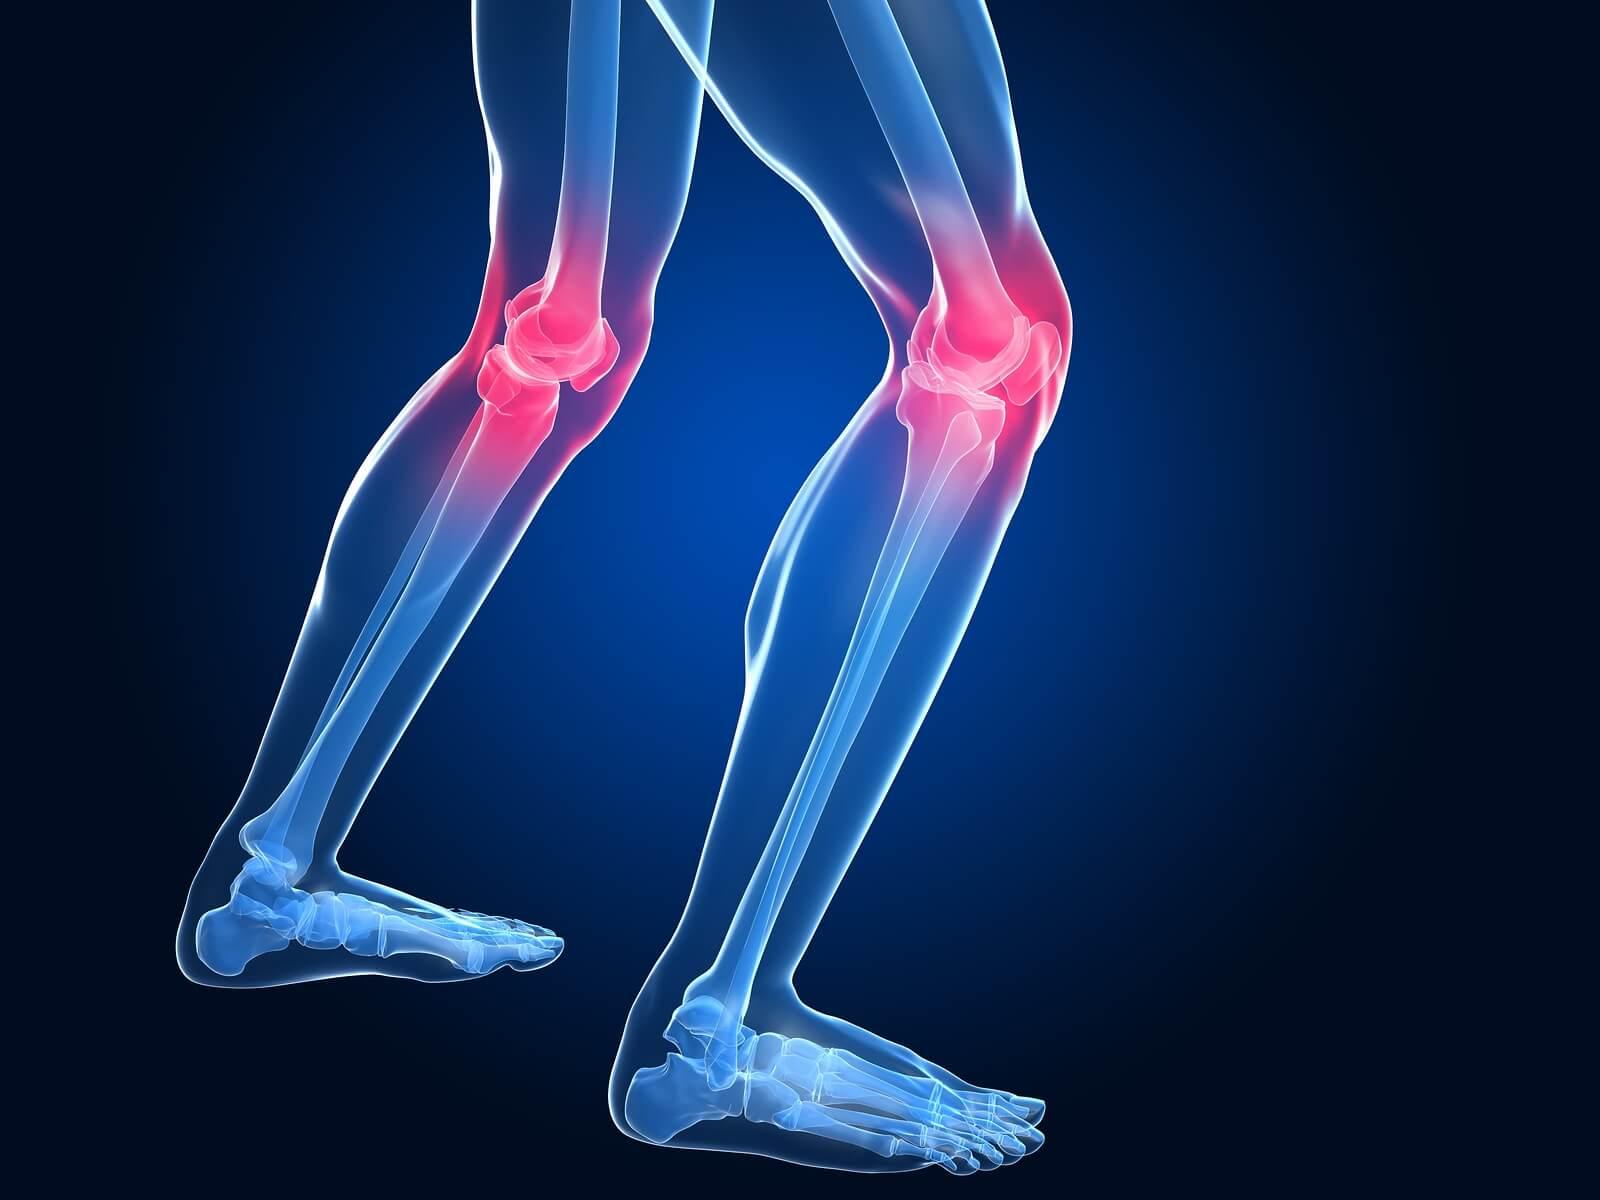 По каким причинам болят коленные суставы, чем лечить наиболее эффективно